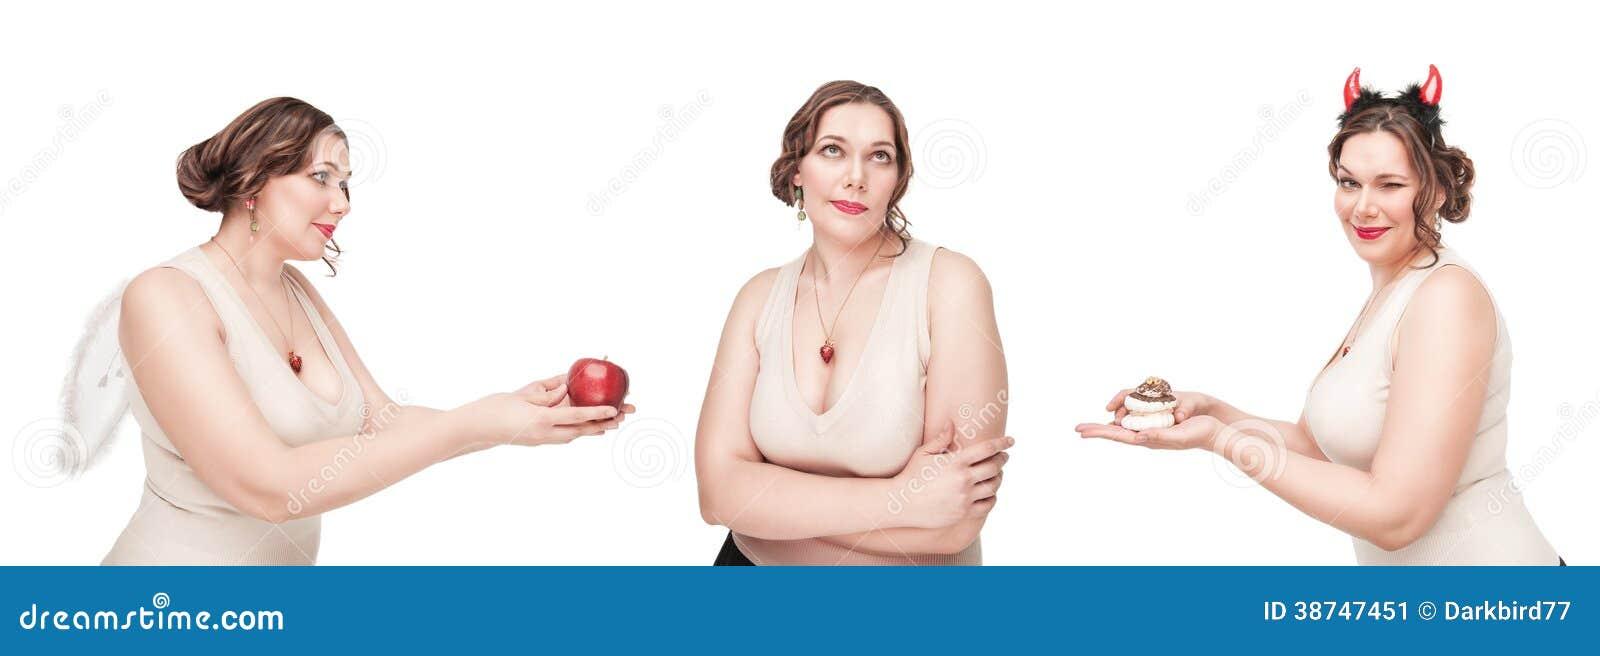 Opción entre la comida sana y malsana